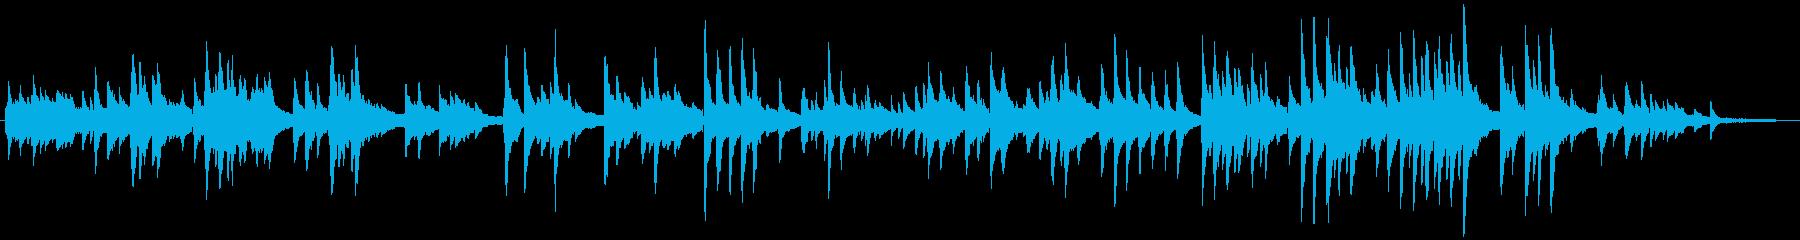 ちょっと和風なのんびりしたピアノ曲です!の再生済みの波形